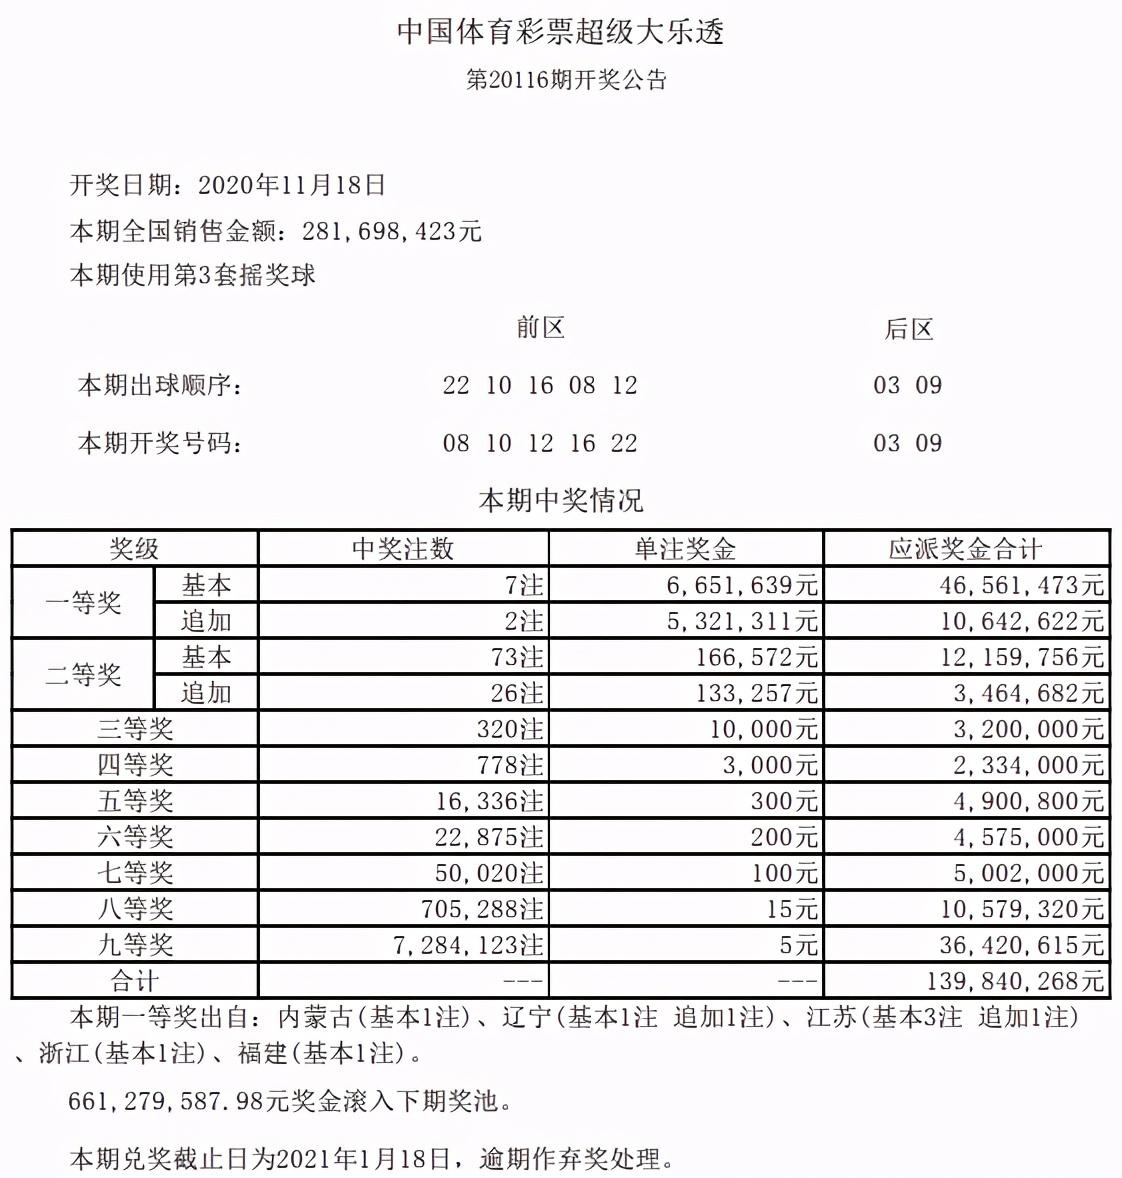 大乐透头奖7注665万2注追加 奖池剩余6.61亿元